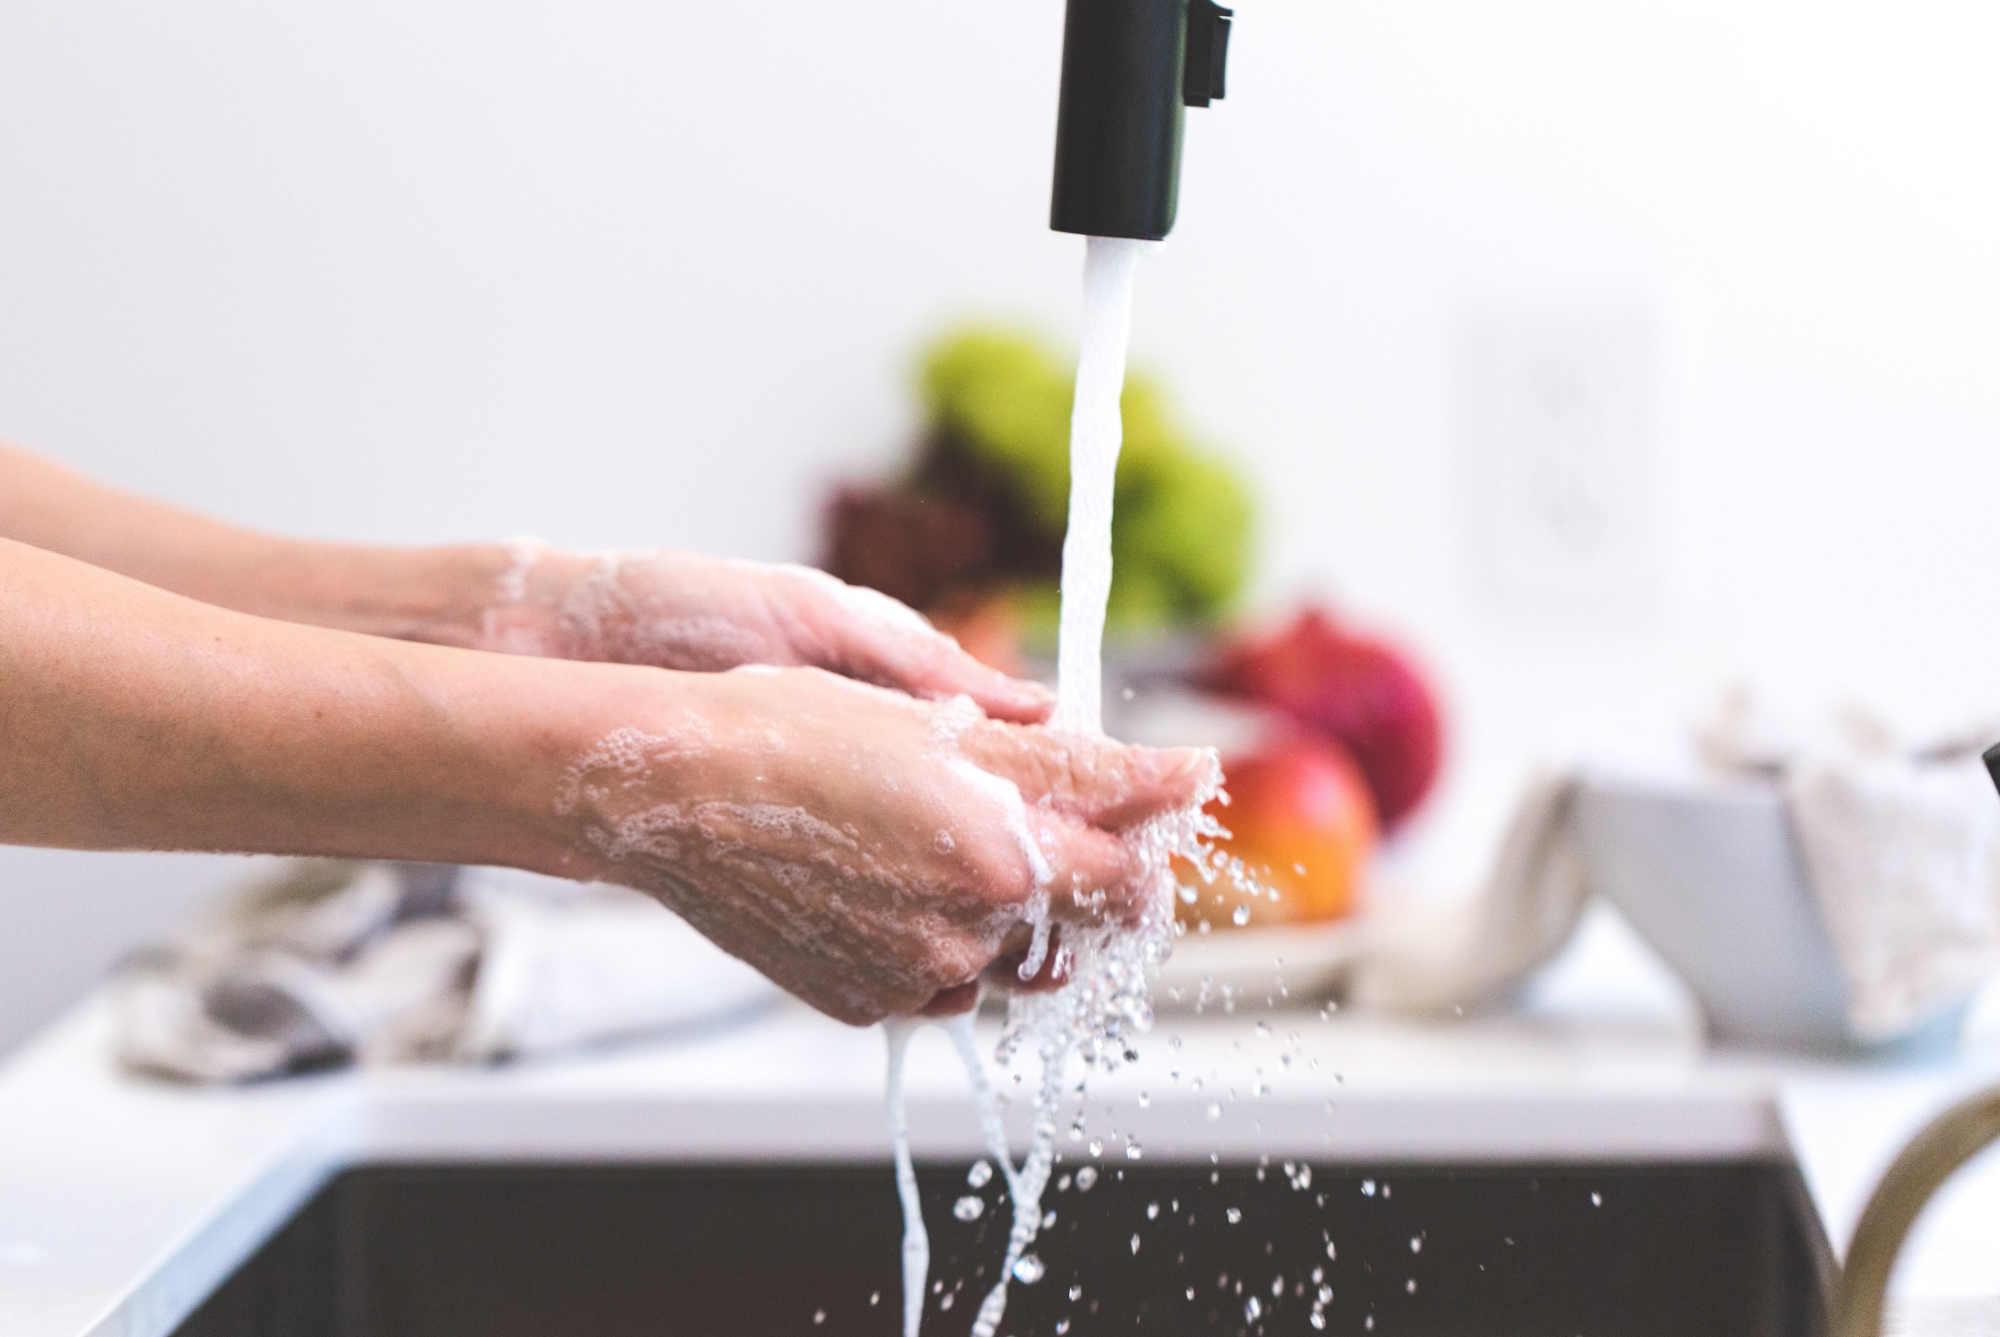 Quelle est la meilleure façon de laver les fruits et les légumes ?